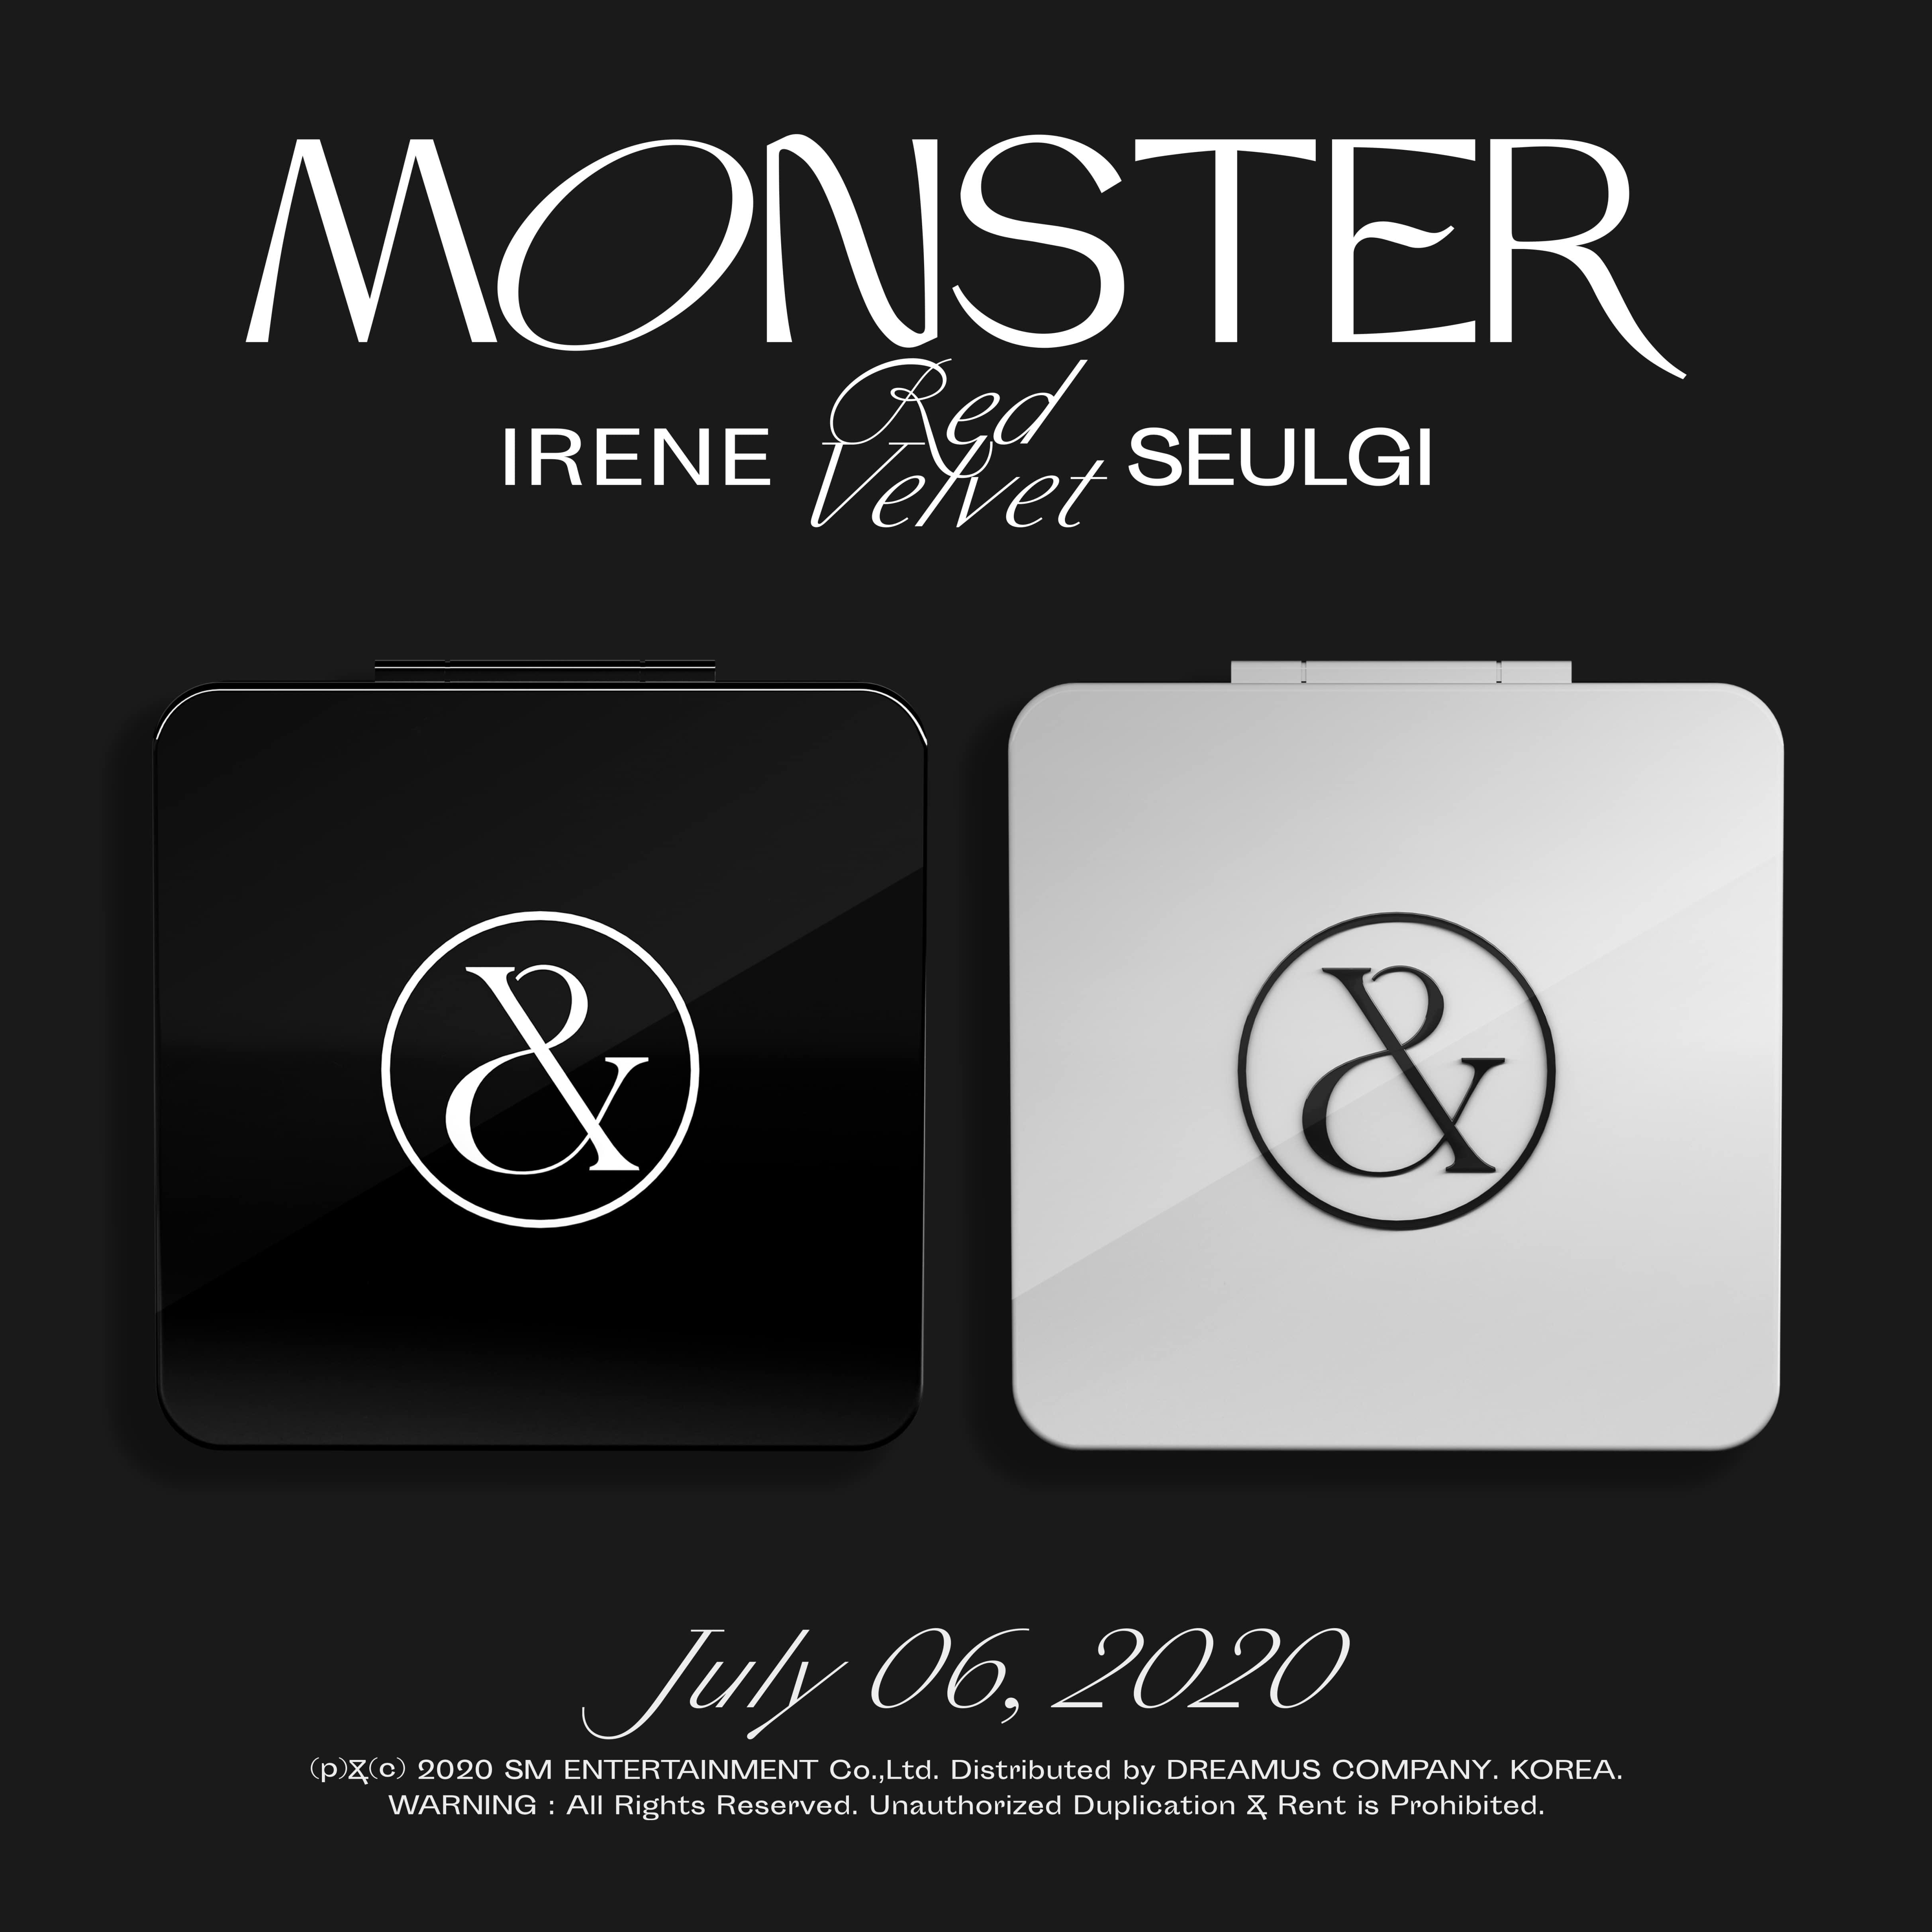 Red Velvet : IRENE & SEULGI - Mini Album Vol.1 [Monster] (Random Ver.)케이팝스토어(kpop store)